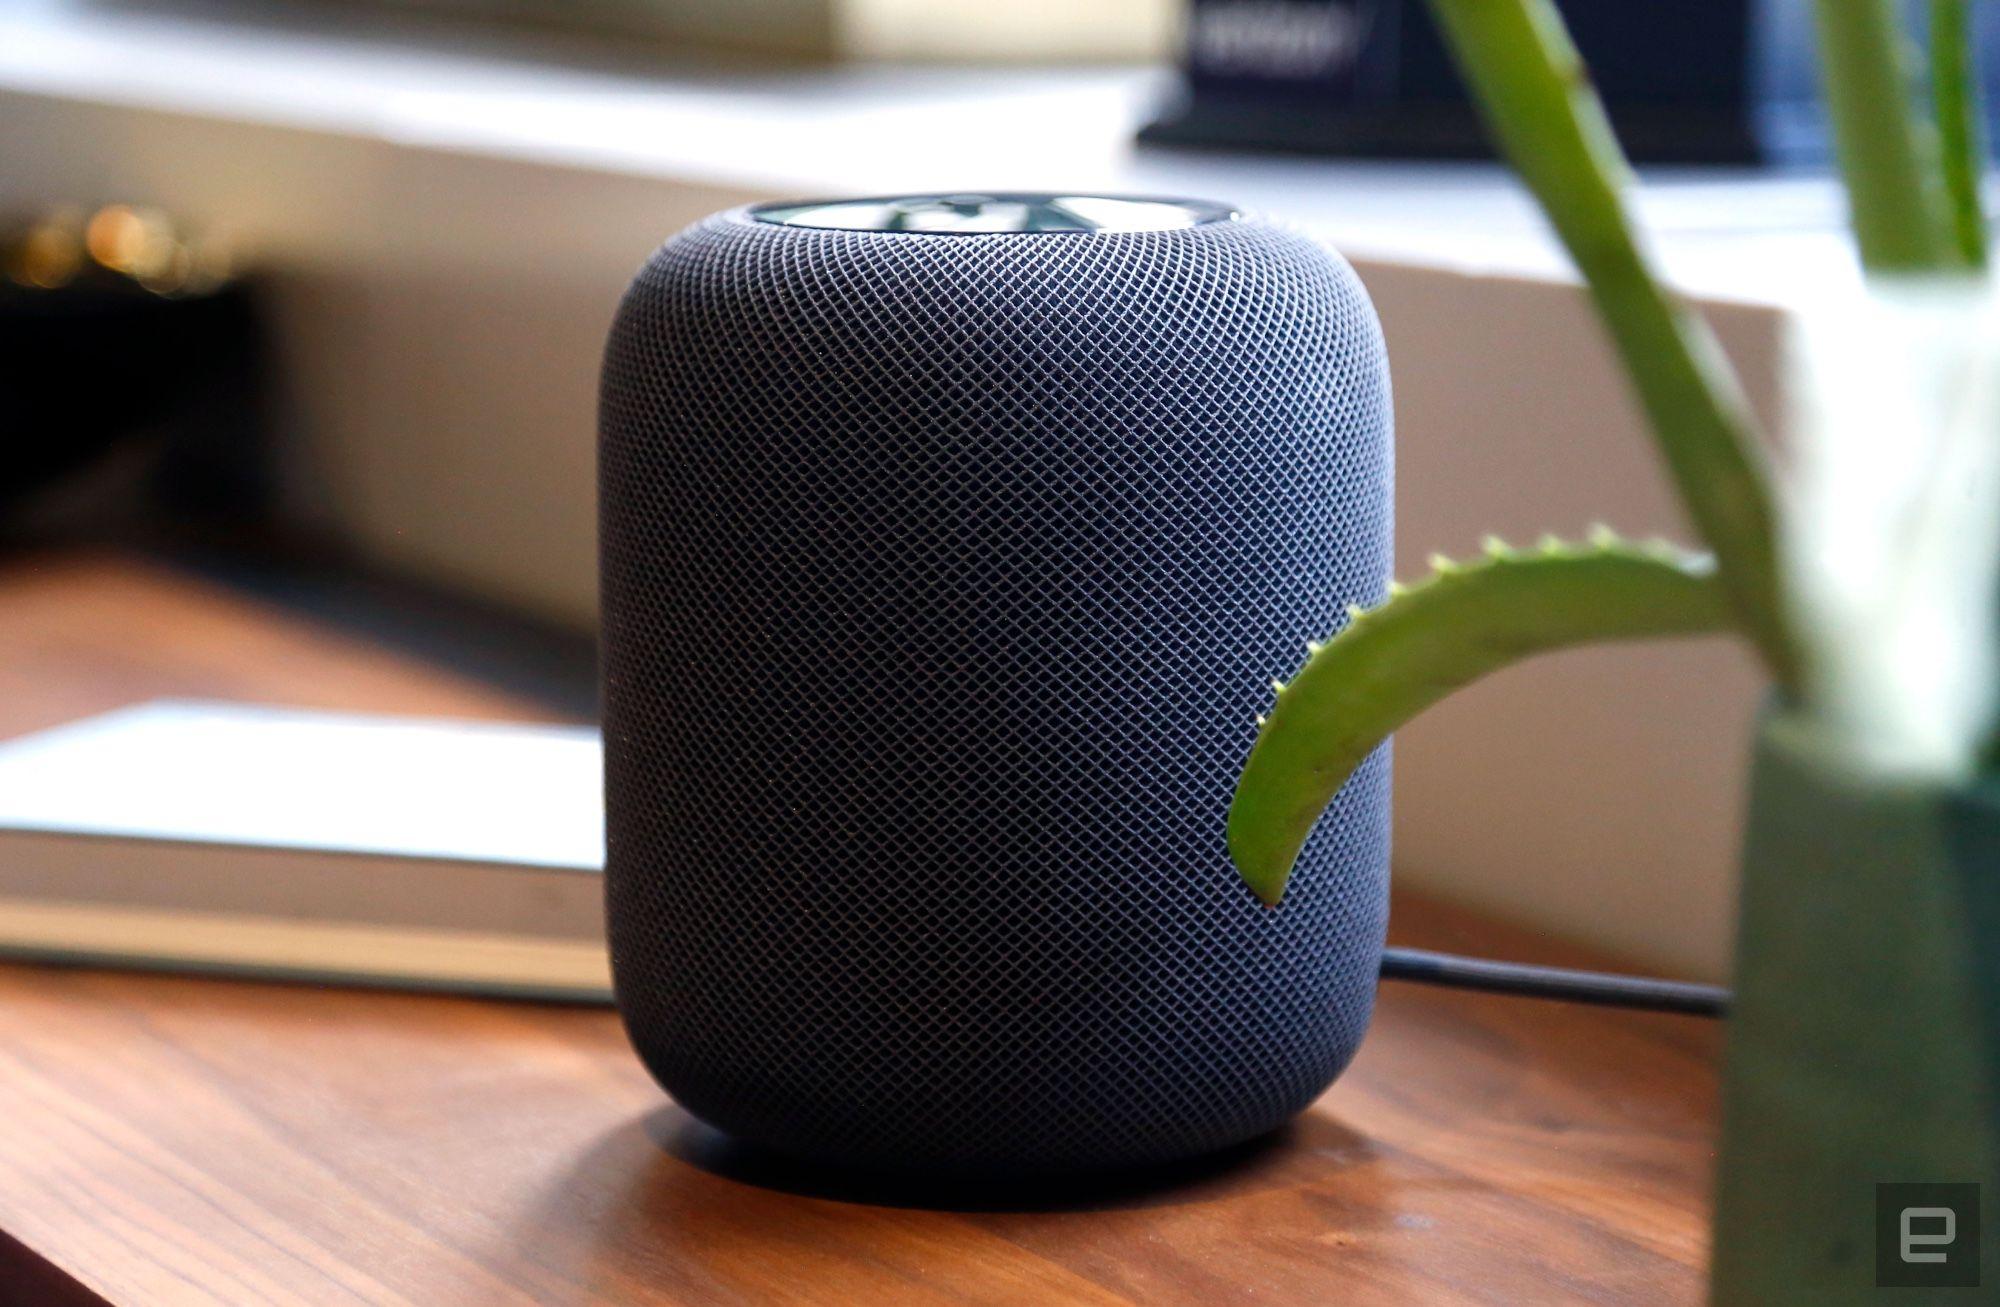 Le HomePod prendra bientôt en charge Spotify, Deezer et consorts